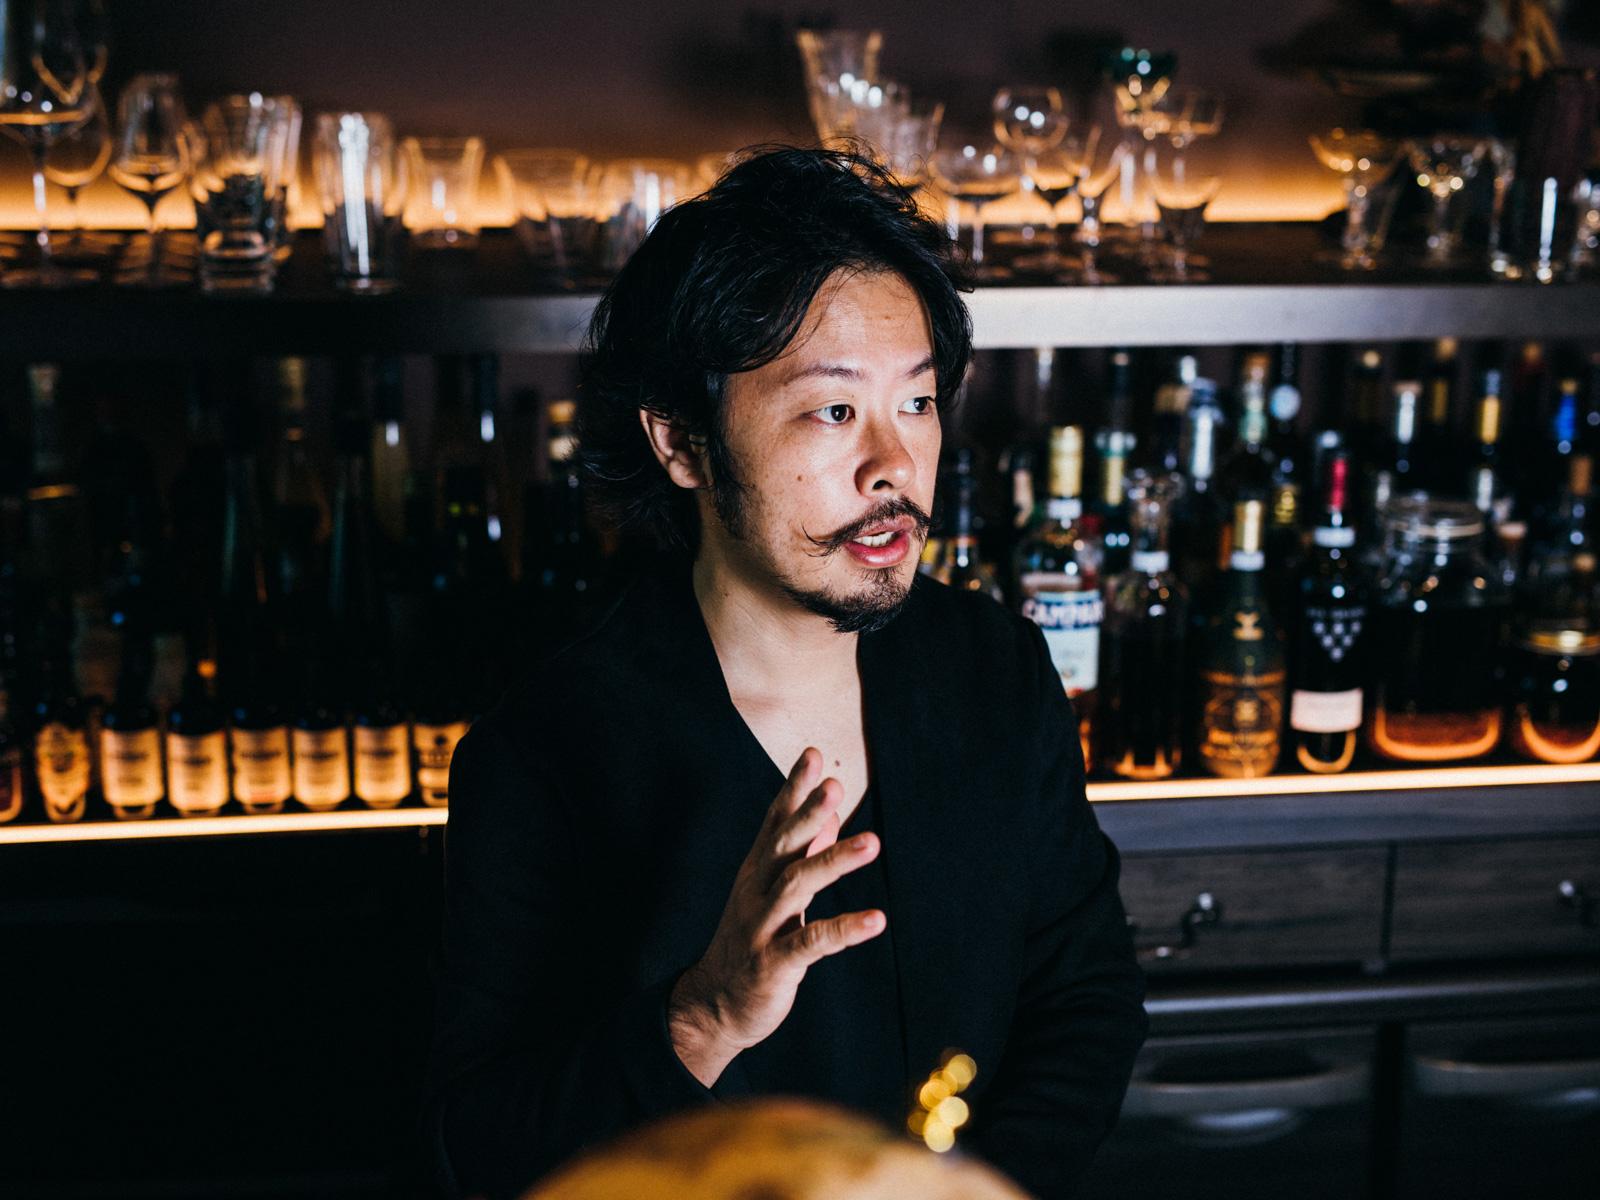 酒とカカオと vol.1 Memento mori(メメント・モリ) 南雲主于三さん カカオは自分にとってブルー・オーシャン。広く深く果てしない可能性がある